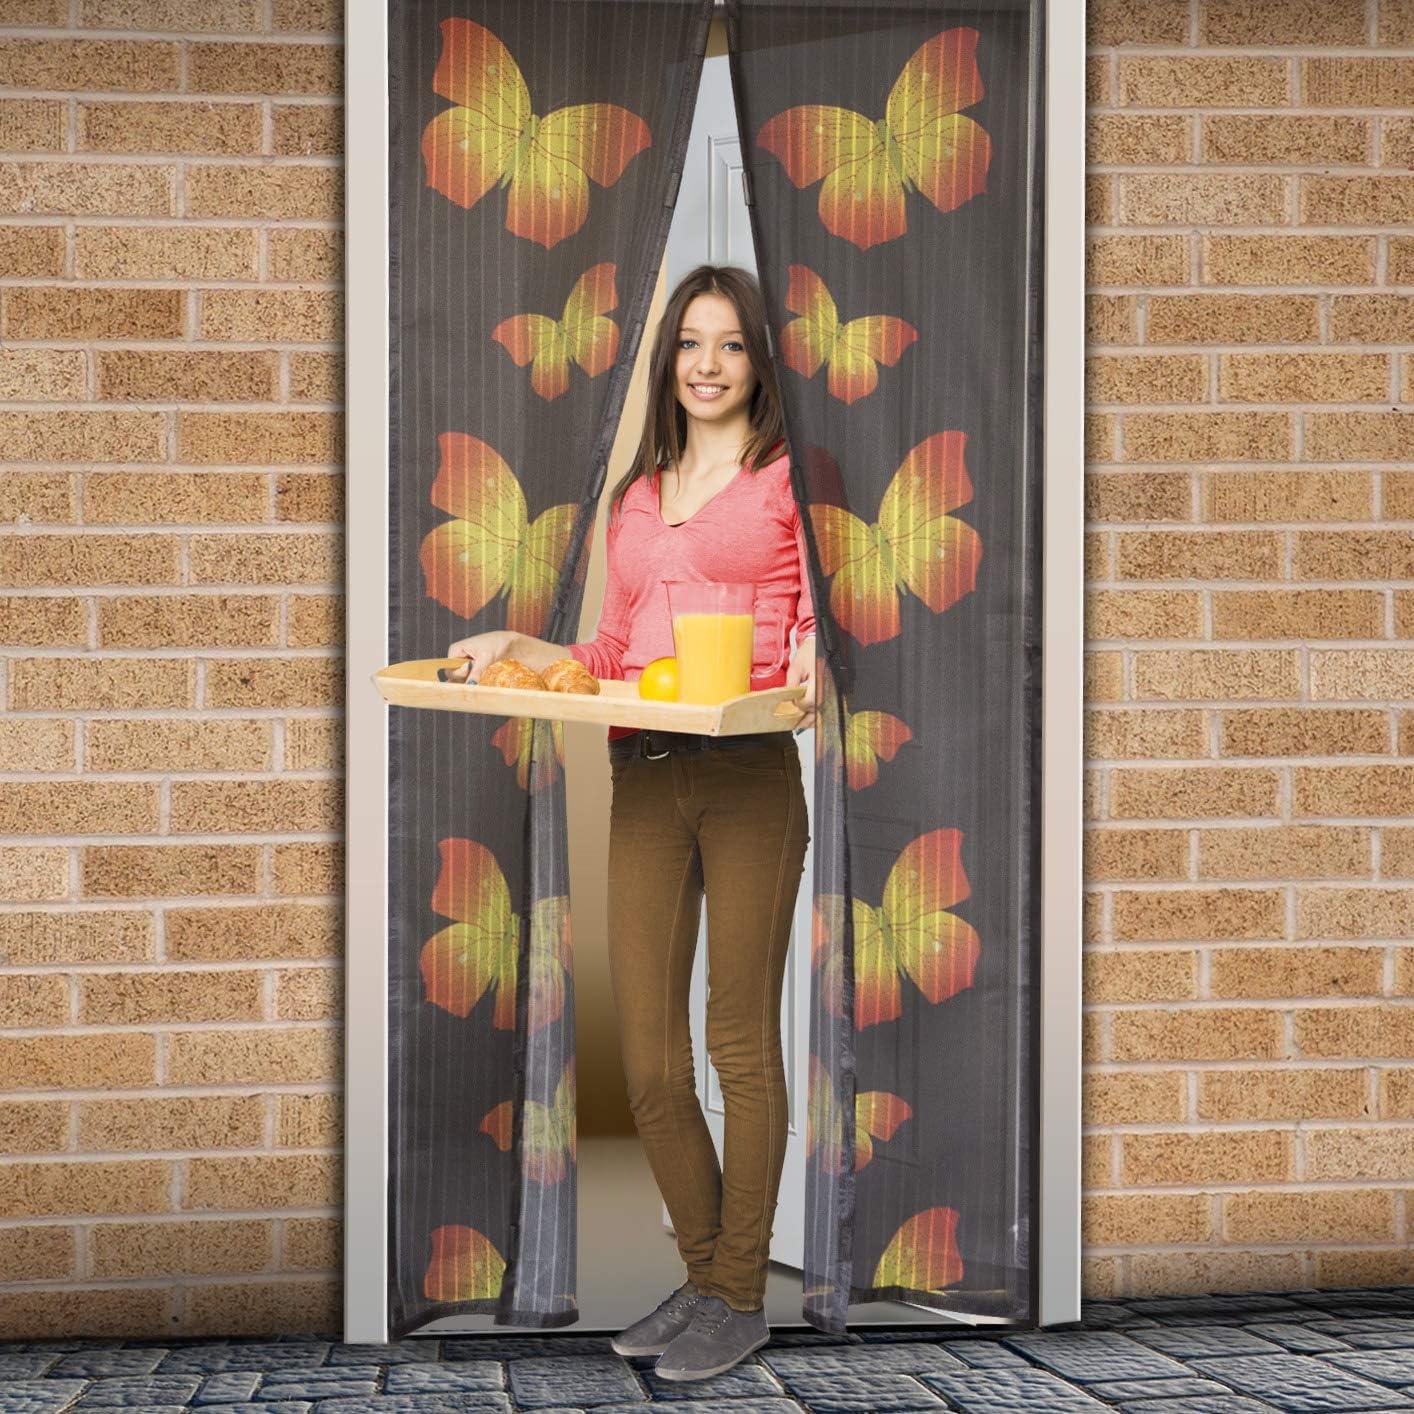 Cierre magn/ético Multicolor Cortina con motivos Mosquitera delight para puertas b/úhos